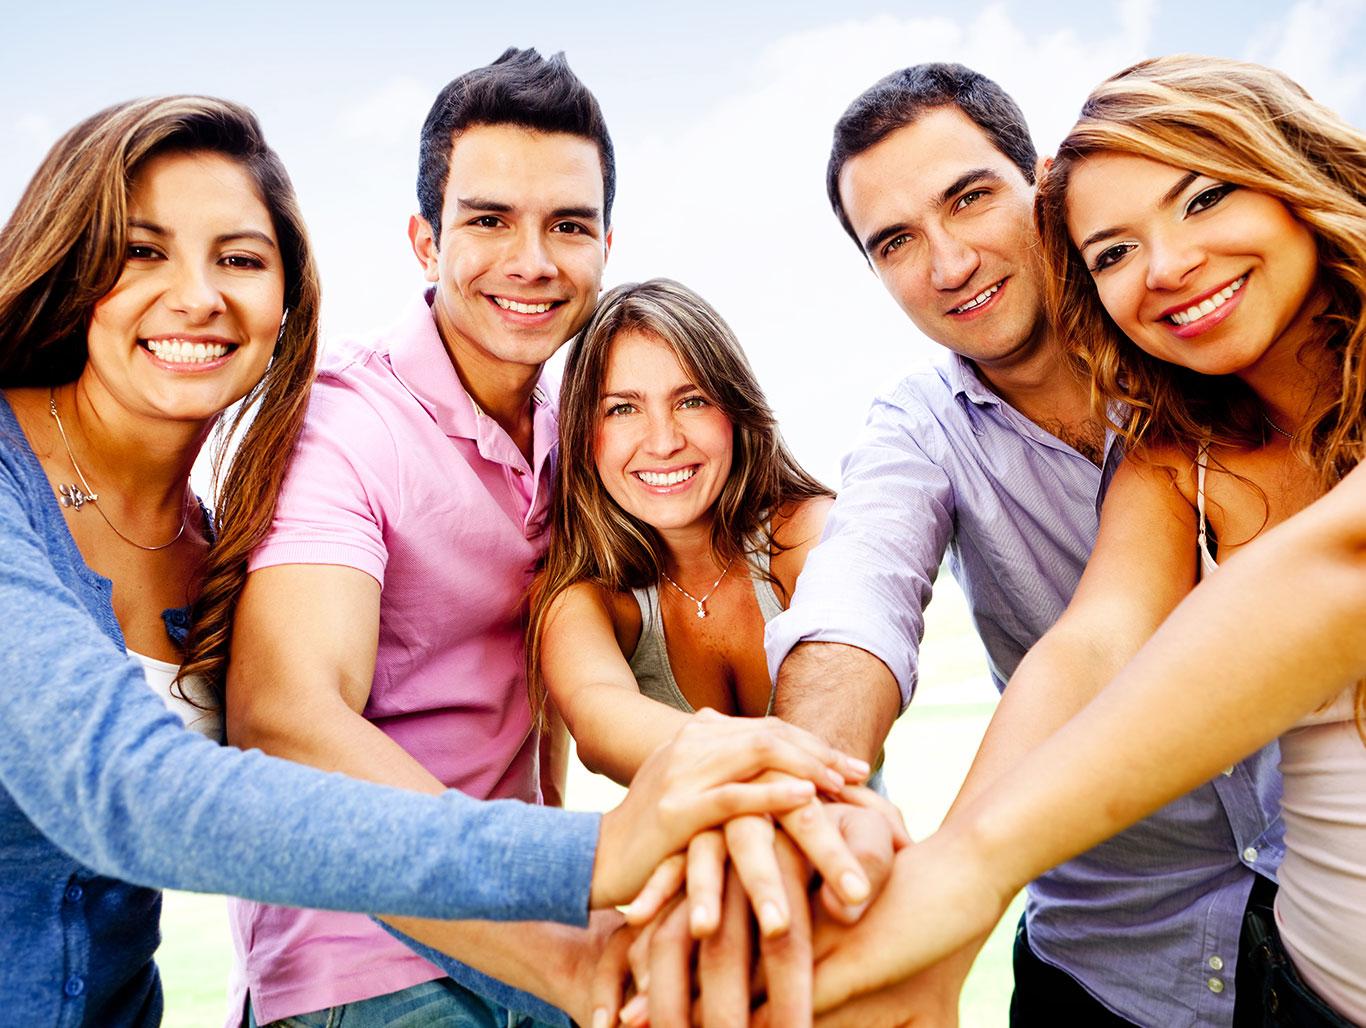 Фото с несколькими людьми